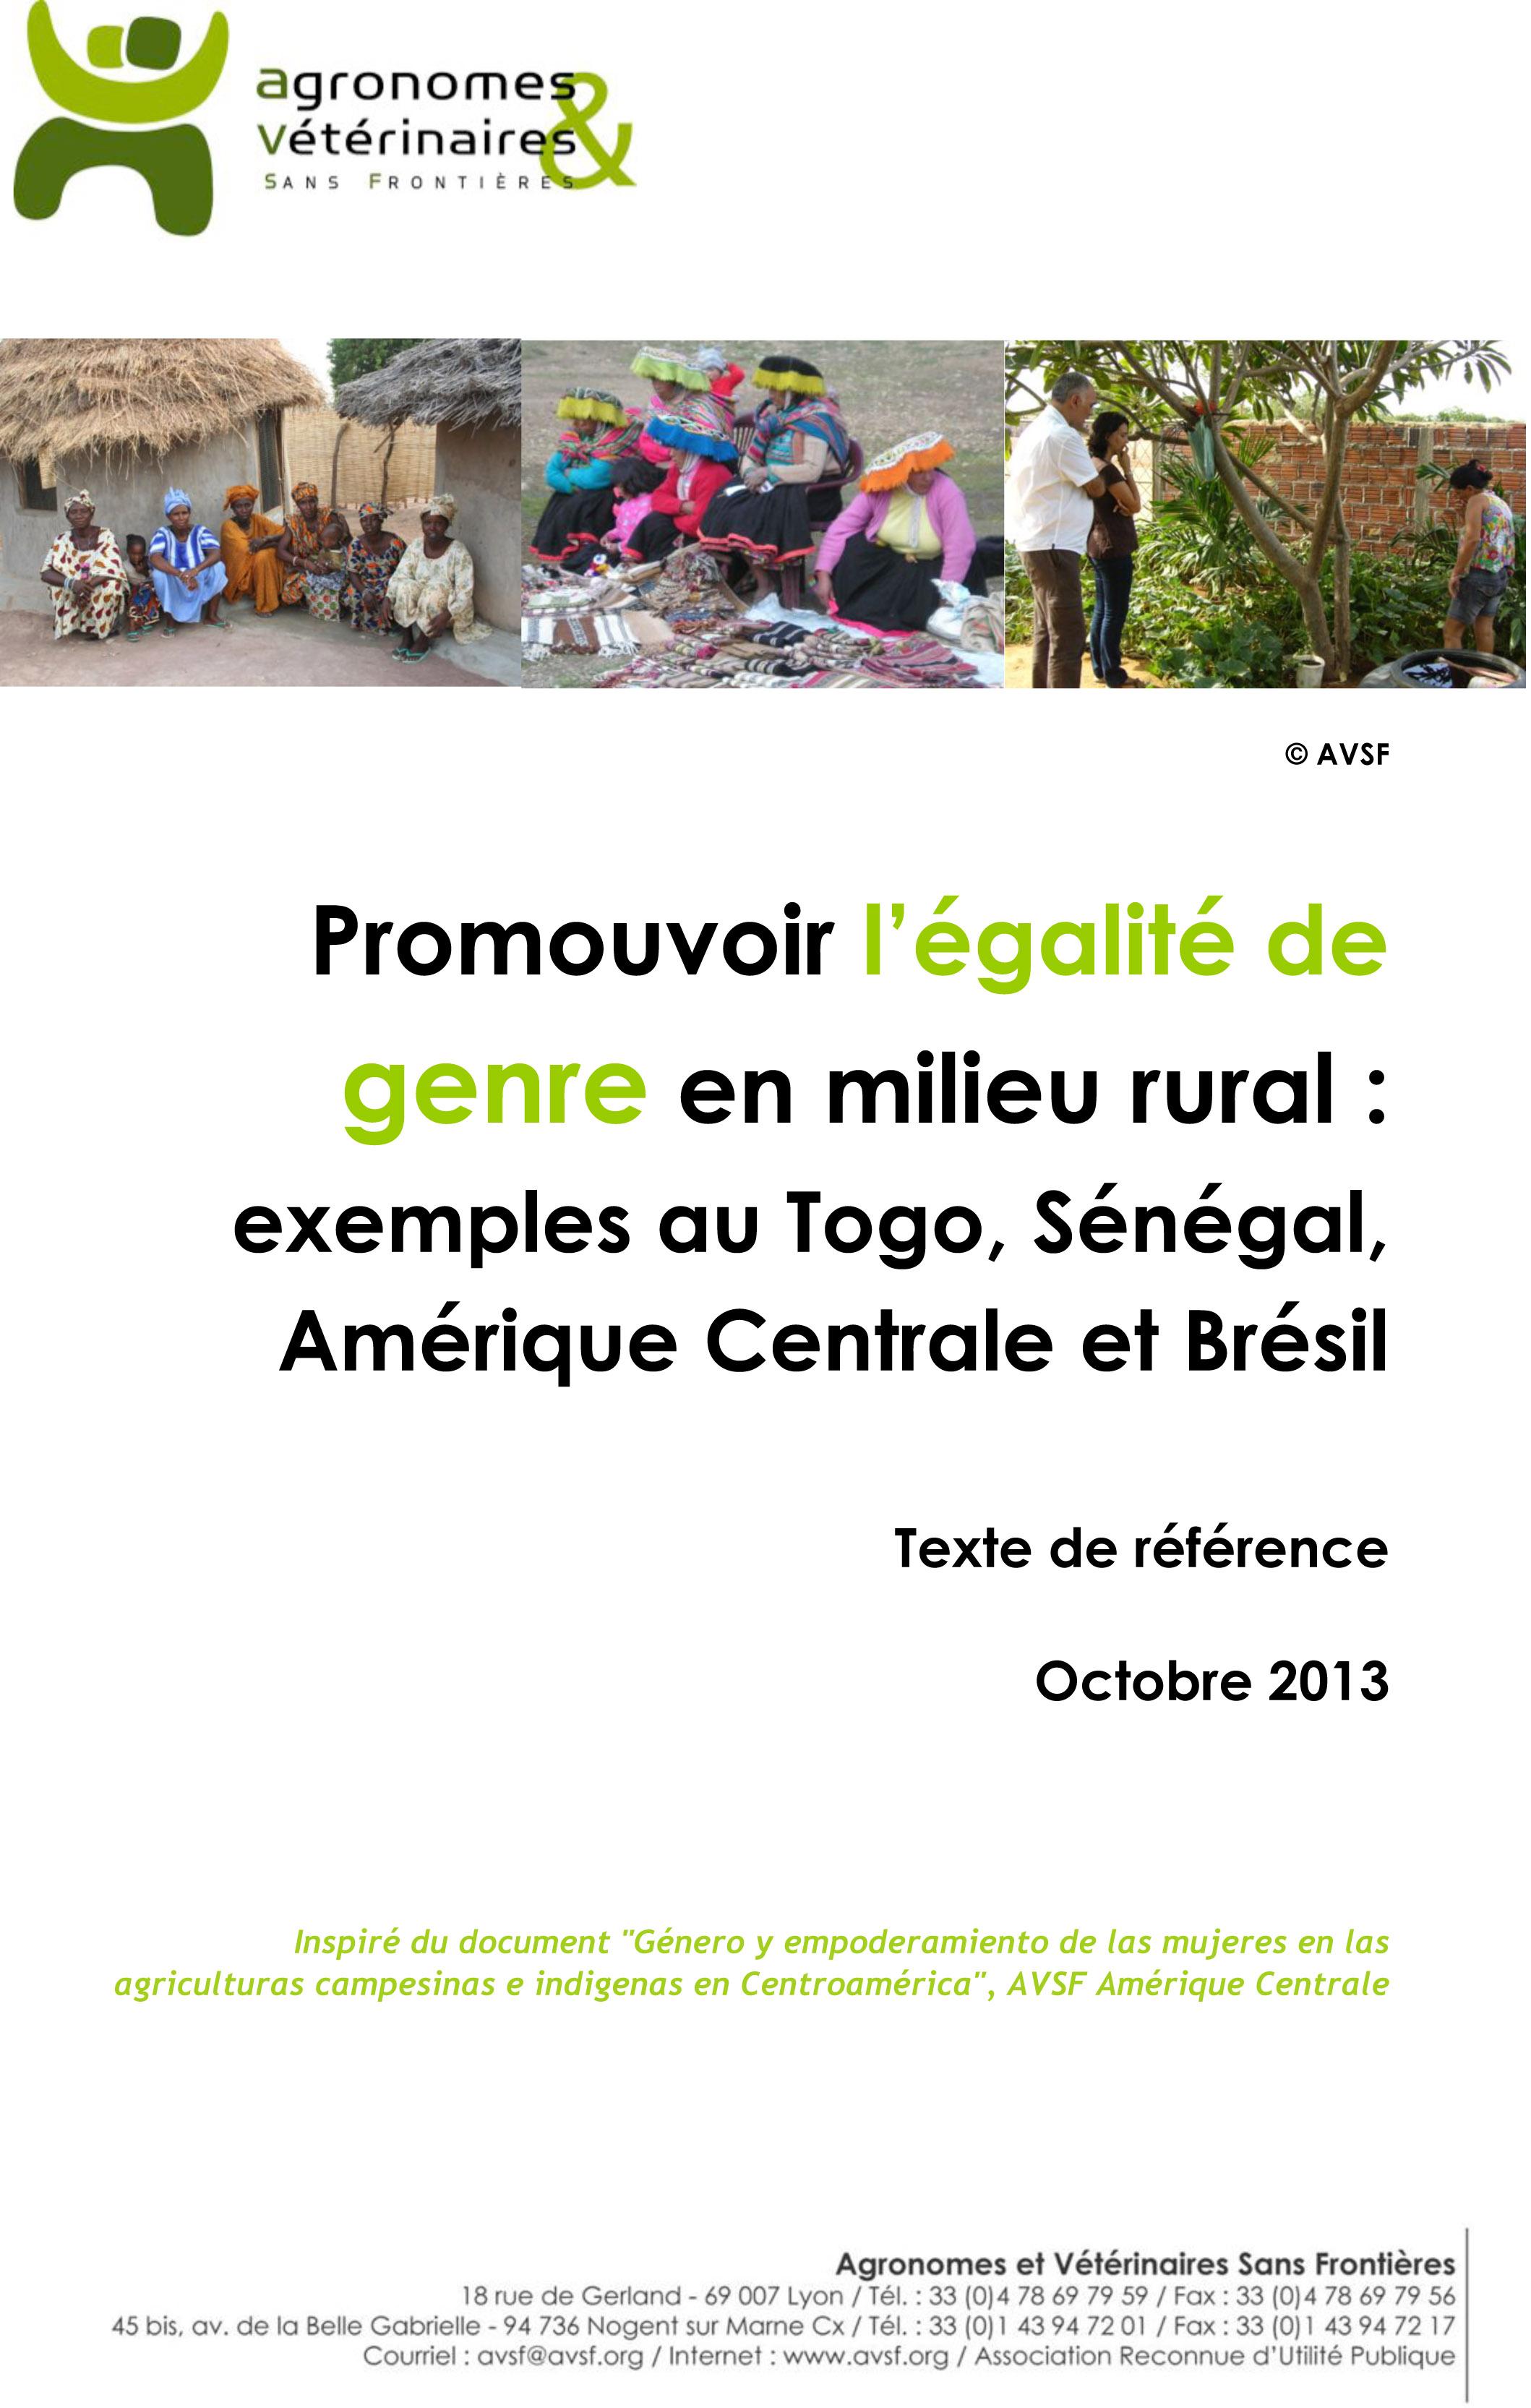 Promouvoir l'égalité de genre en milieu rural : exemples au Togo, Sénégal, Amérique Centrale et Brésil Image principale